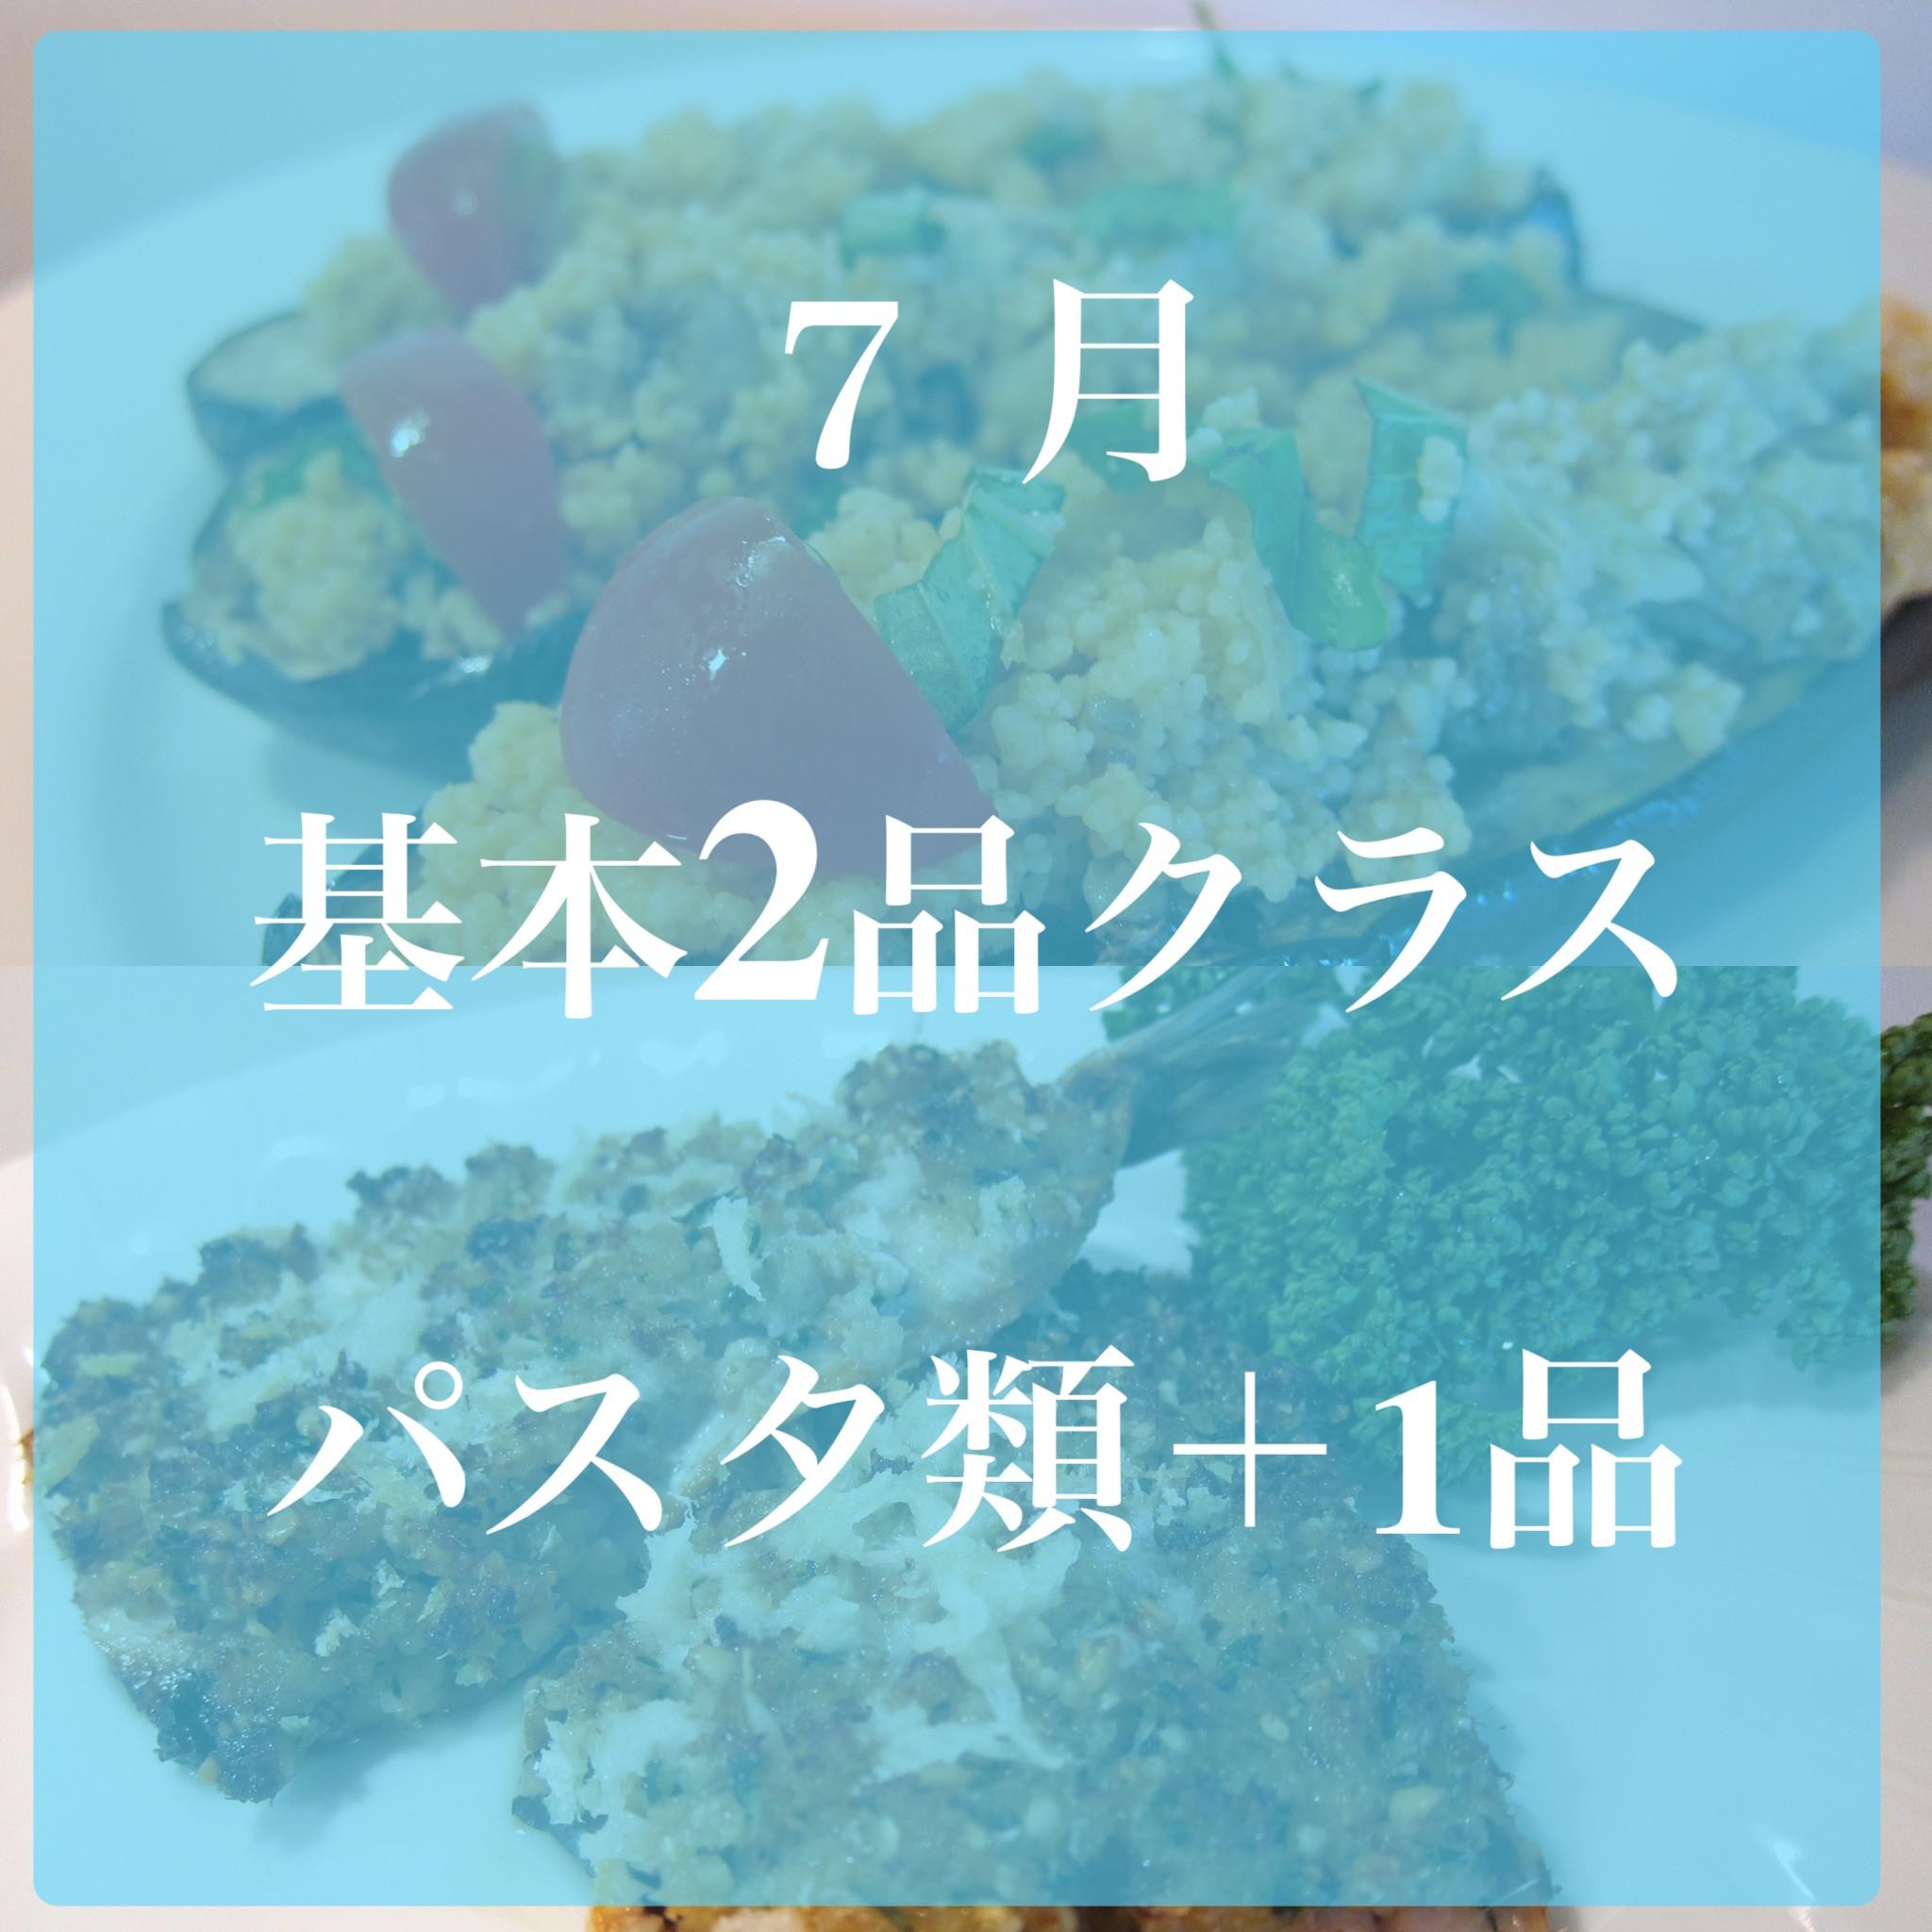 <星ヶ丘教室> 7月イタリア家庭料理基本2品クラス